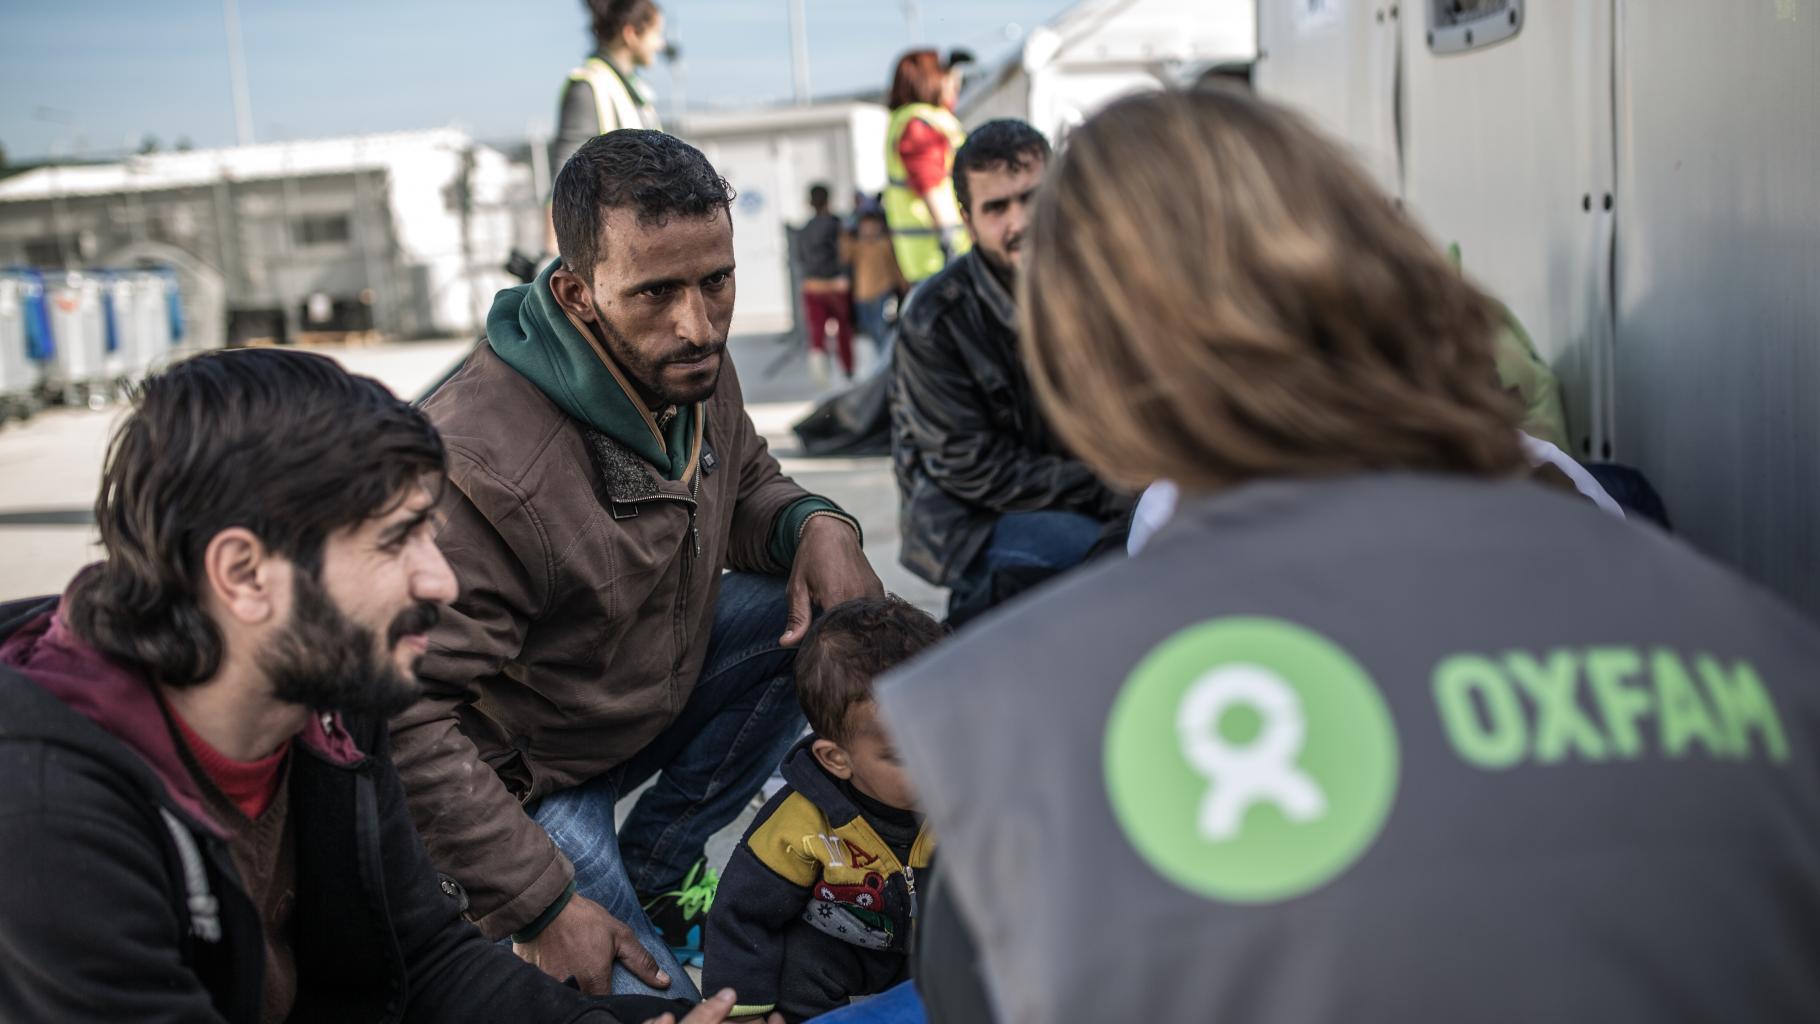 Eine Frau mit Oxfam-Weste, Rücken zur Kamera, spricht mit einer Familie in einem Flüchtlingscamp.